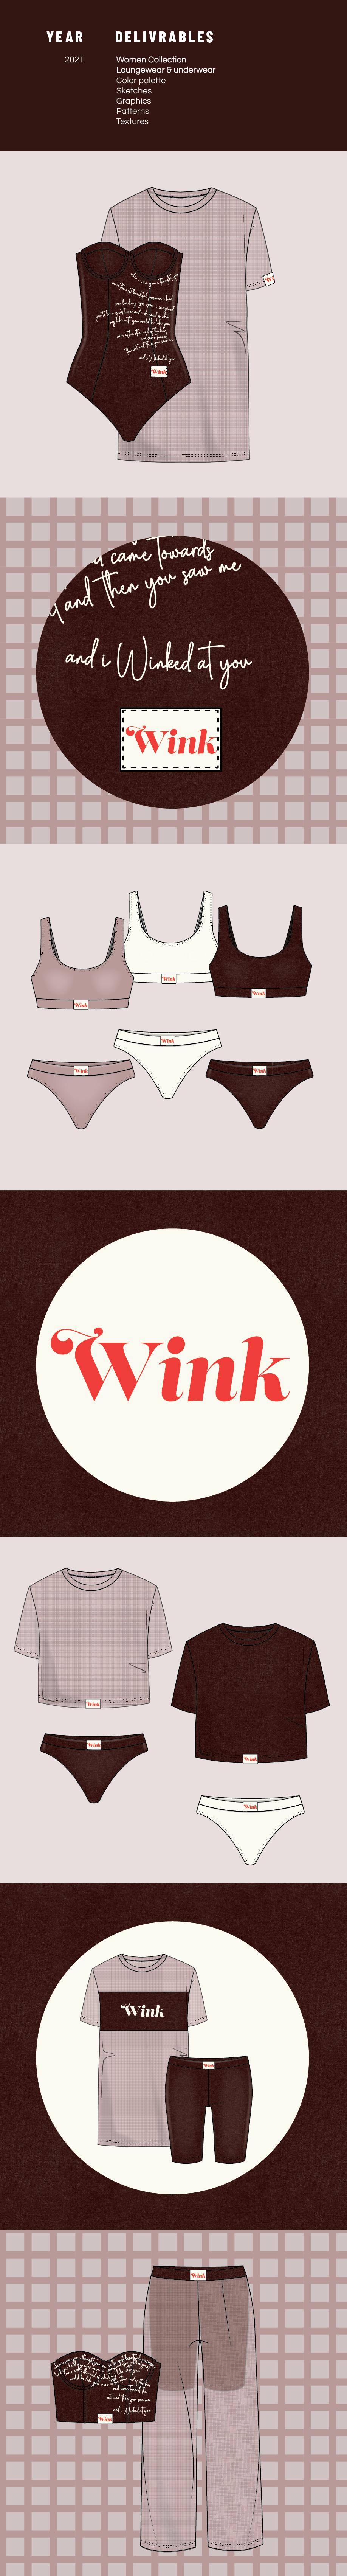 WINKD-01.png